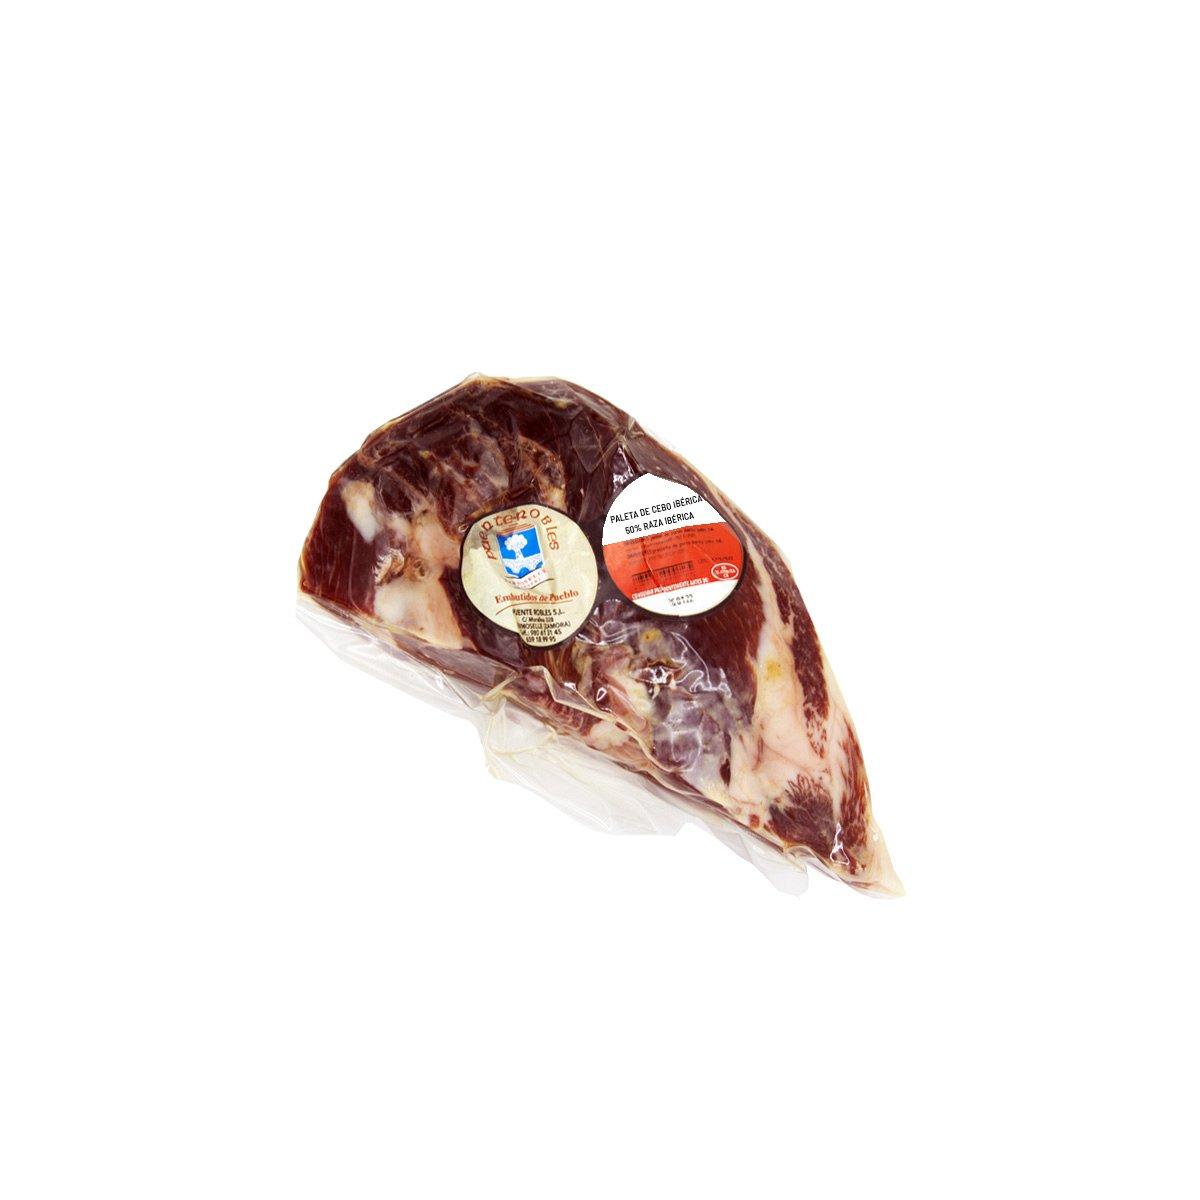 Fodder-fed Iberian Shoulder Ham